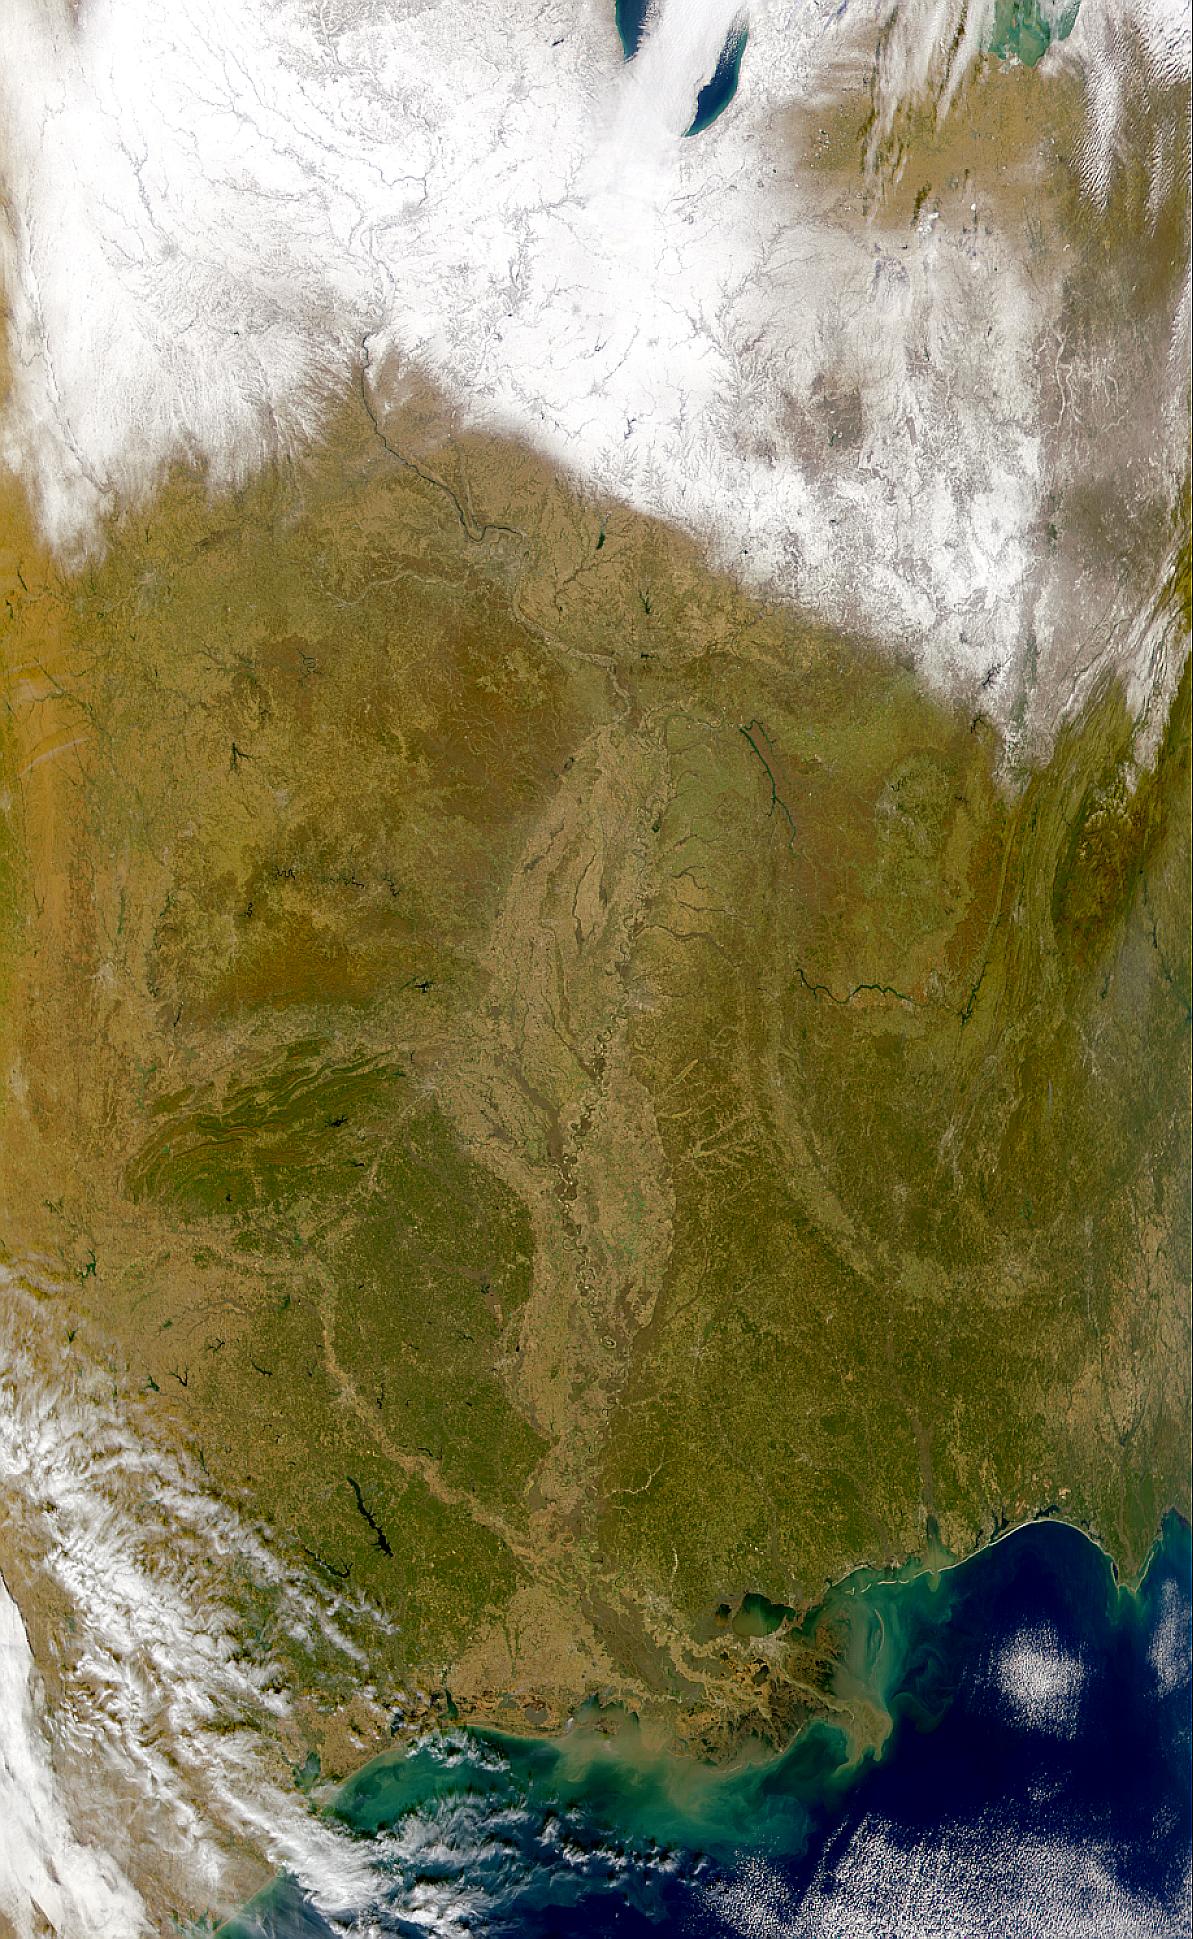 Cuenca hidrográfica del río Misisipi